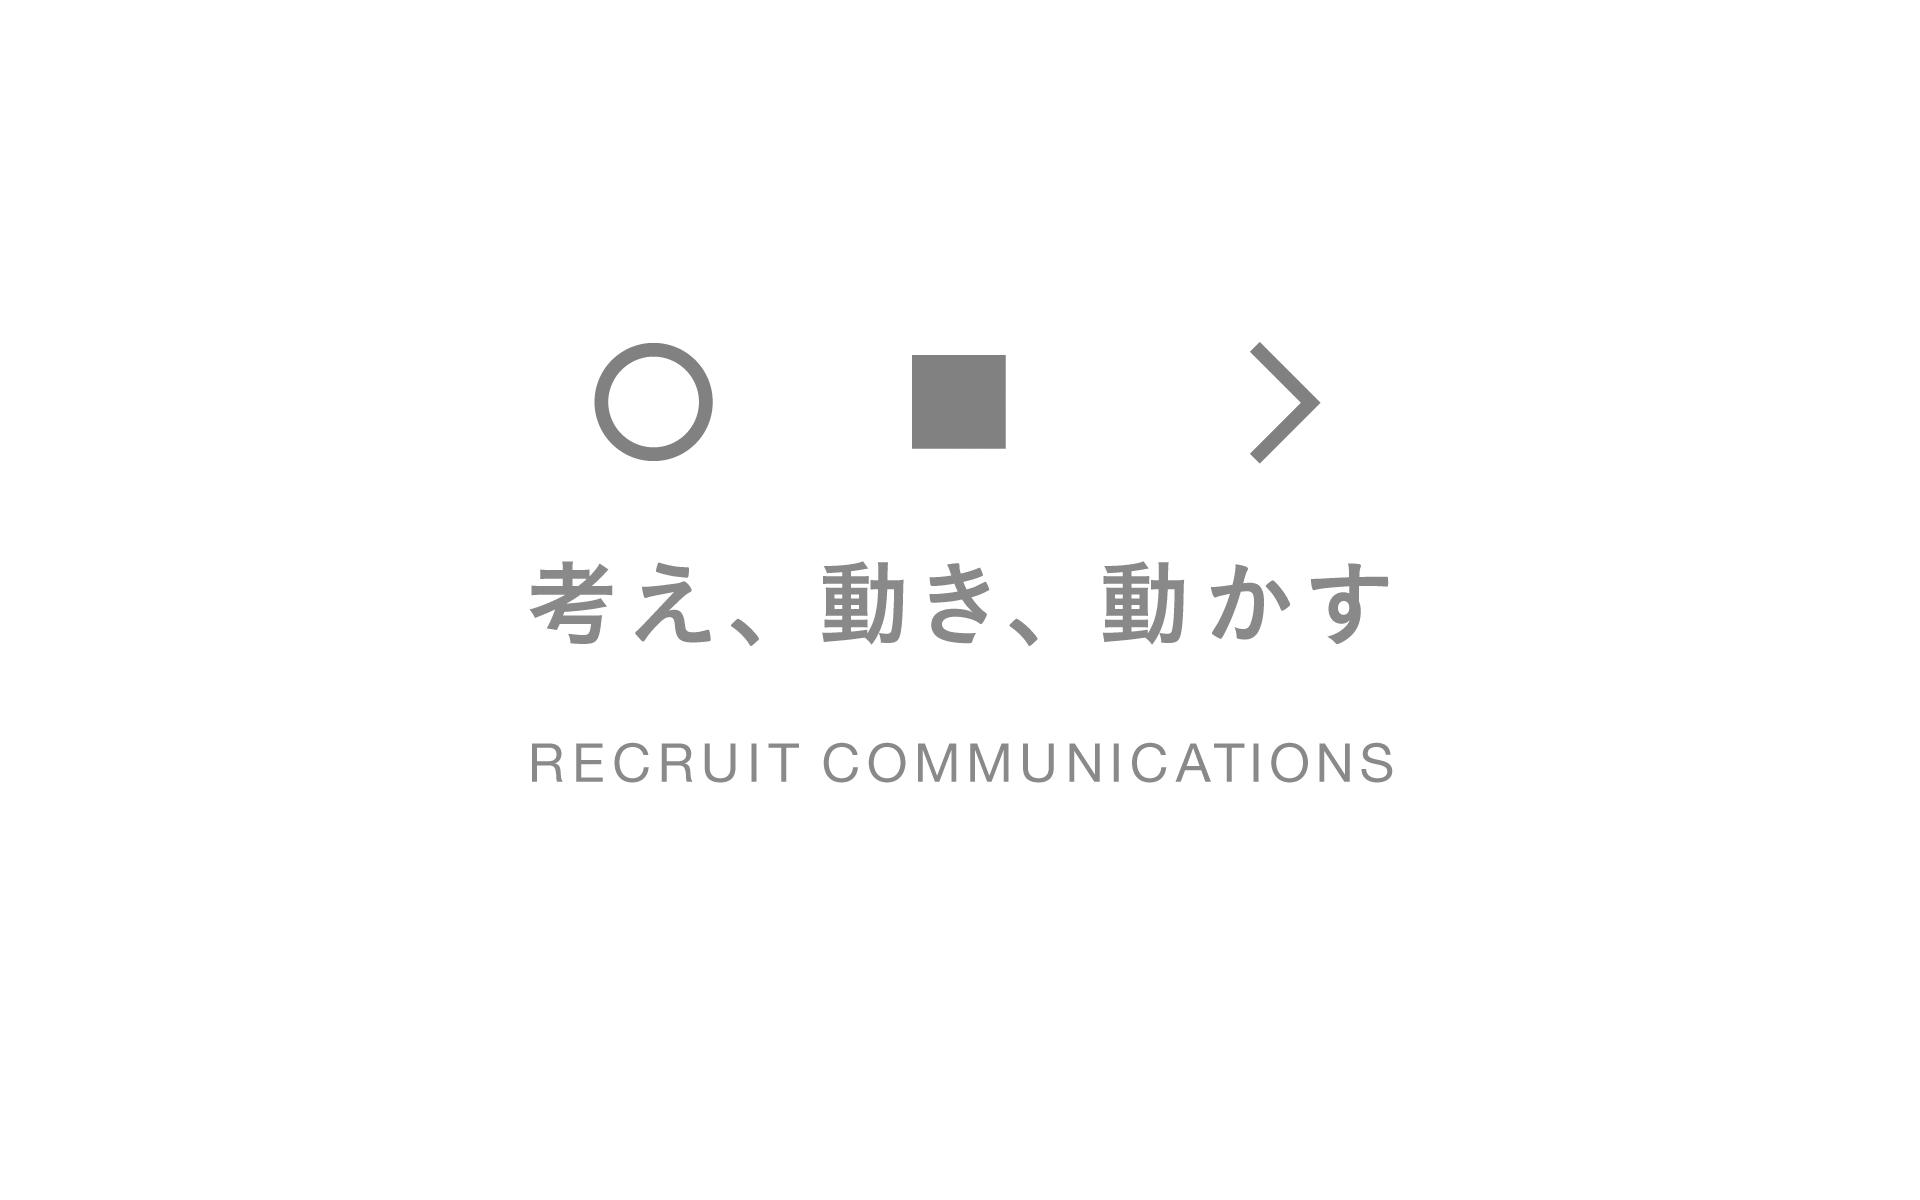 リクルートコミュニケーションズ